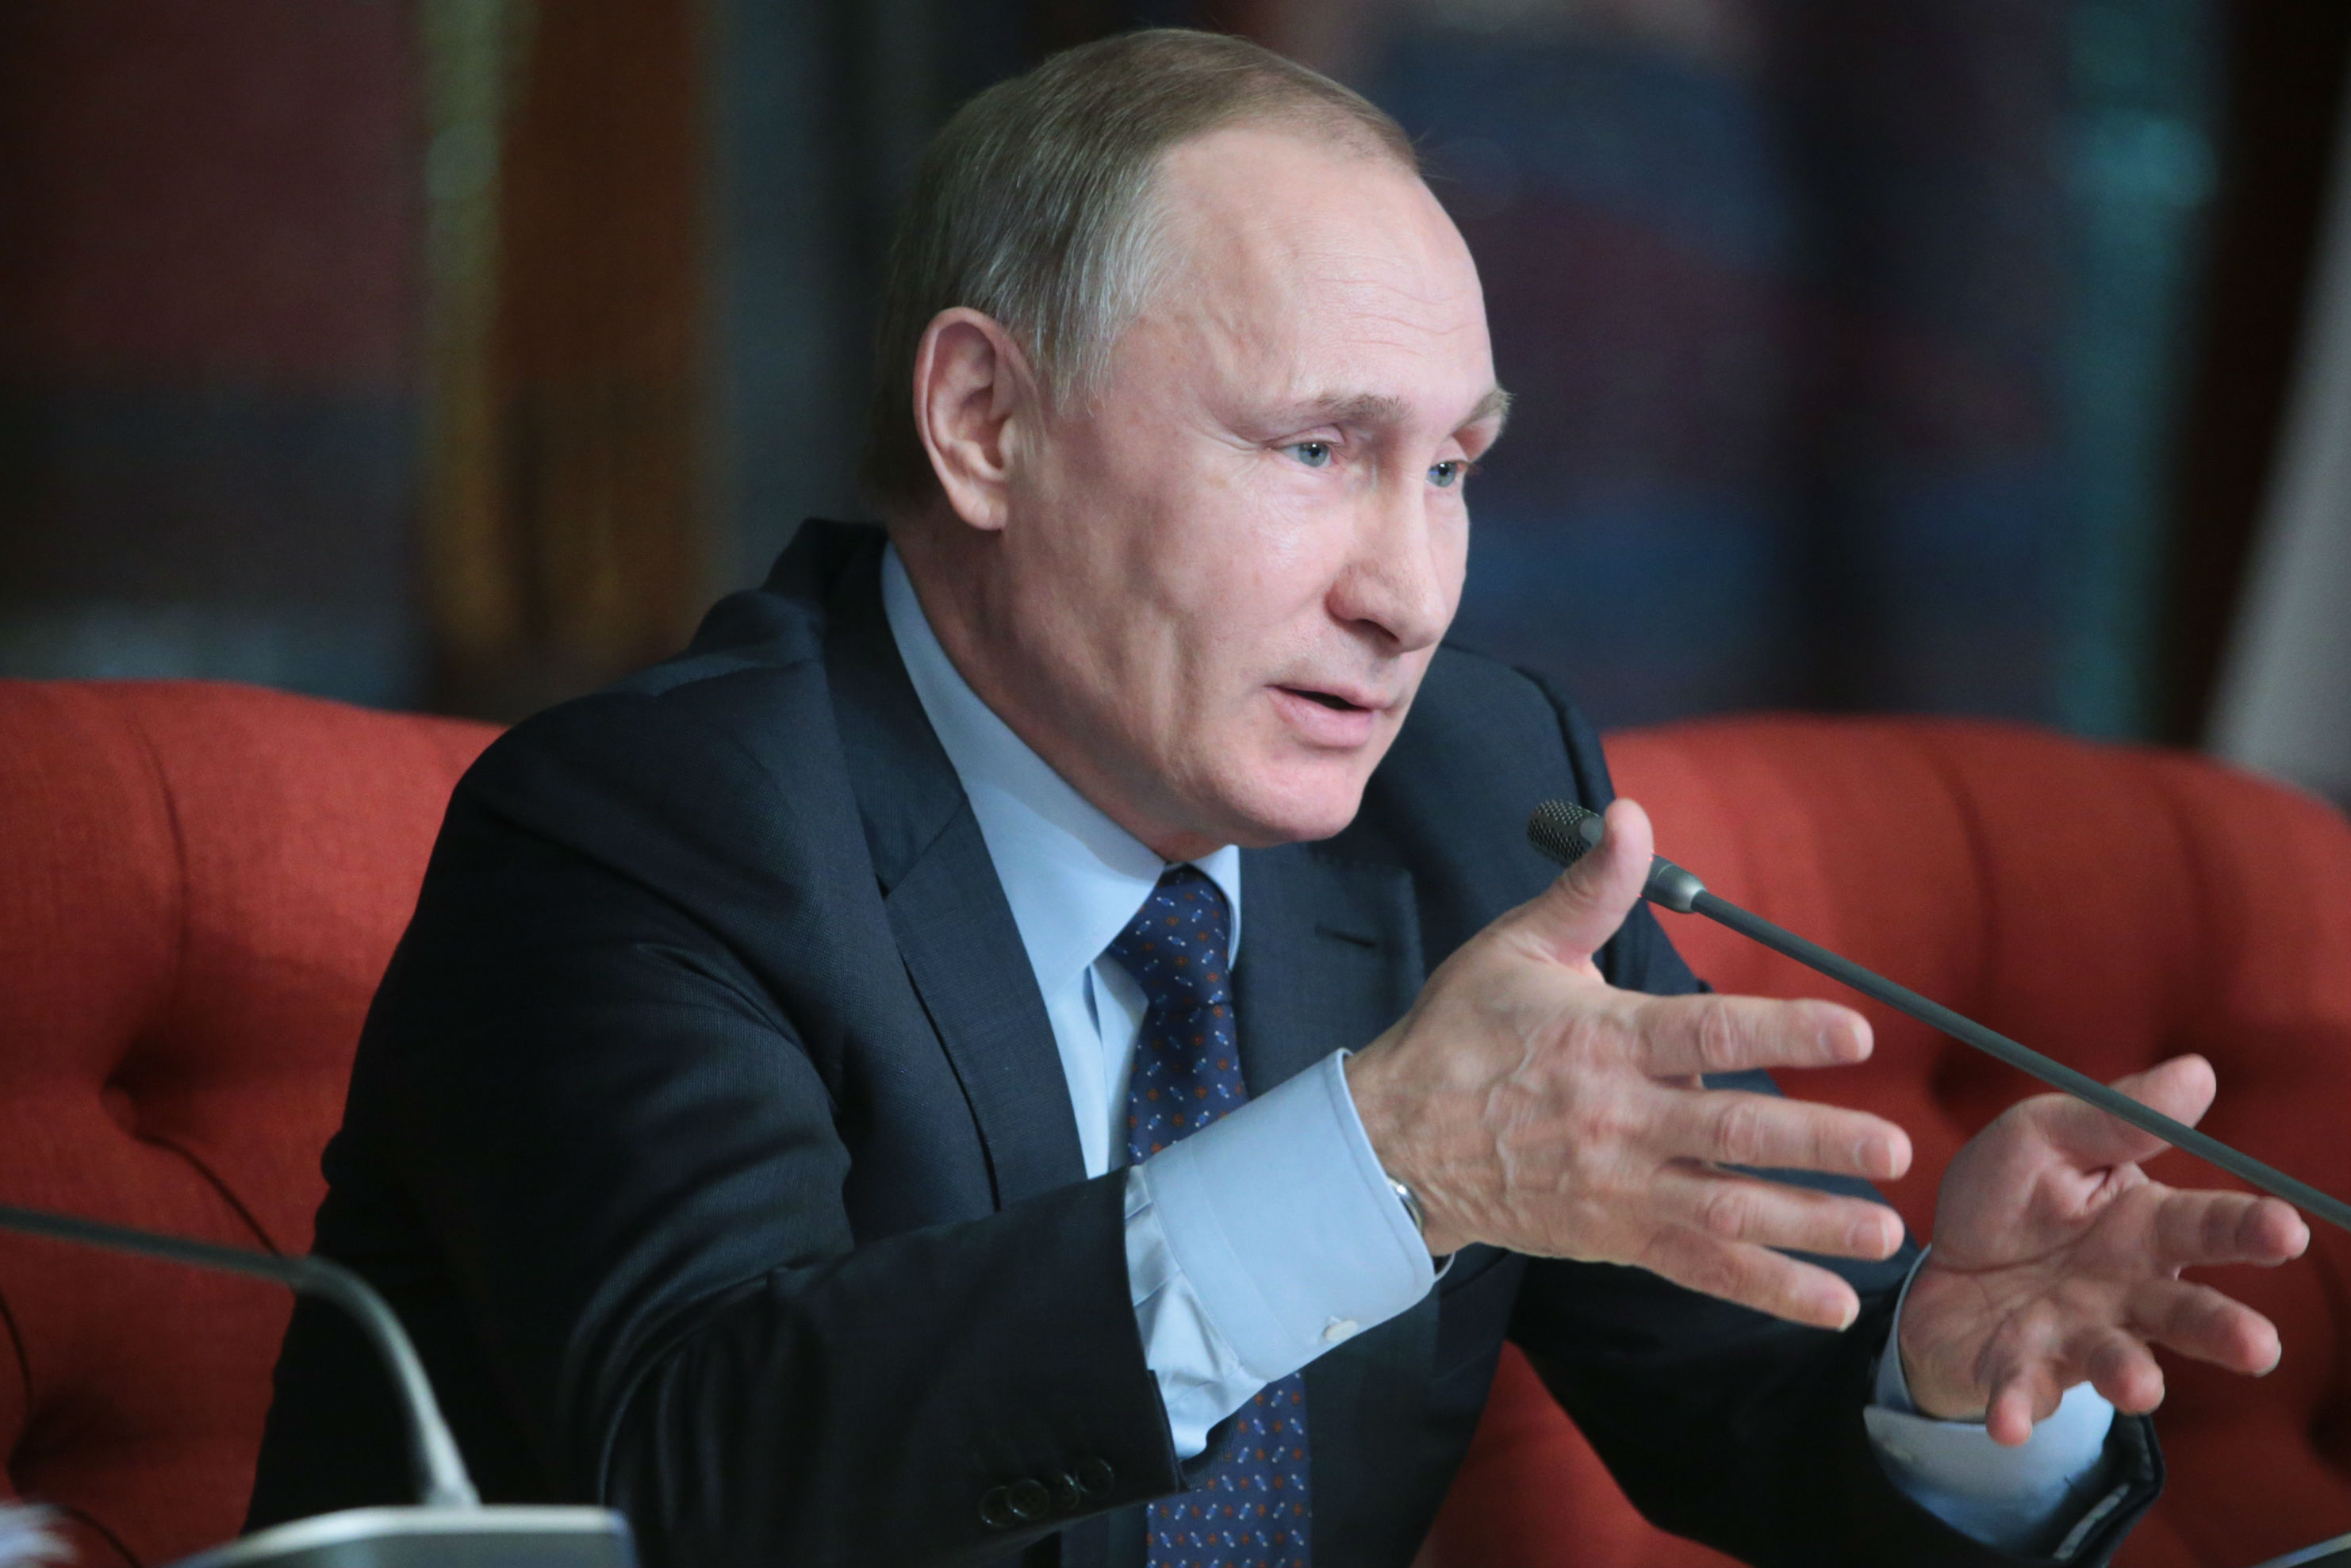 Президент России Владимир Путин заявил, что они с президентом США Бараком Обамой одобрили прекращение огня в Сирии с 27 февраля. Фото: Михаил Метцель/ТАСС